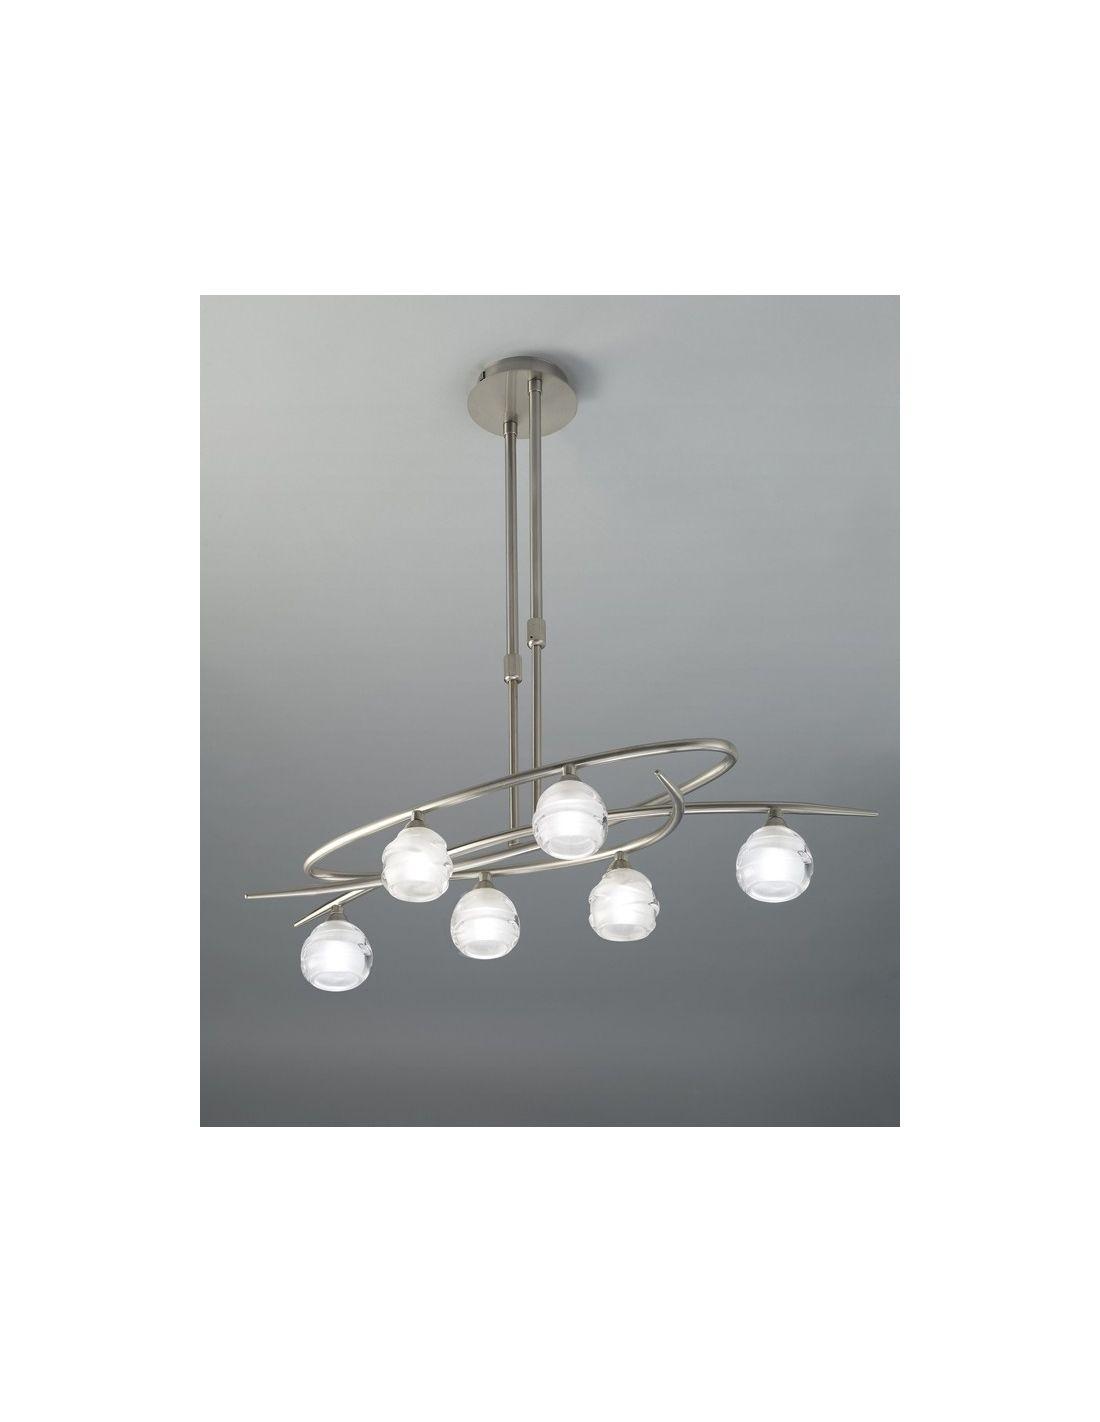 Lamparas online lamparas baratas lamparas baratas online - Lamparas para dormitorios ...